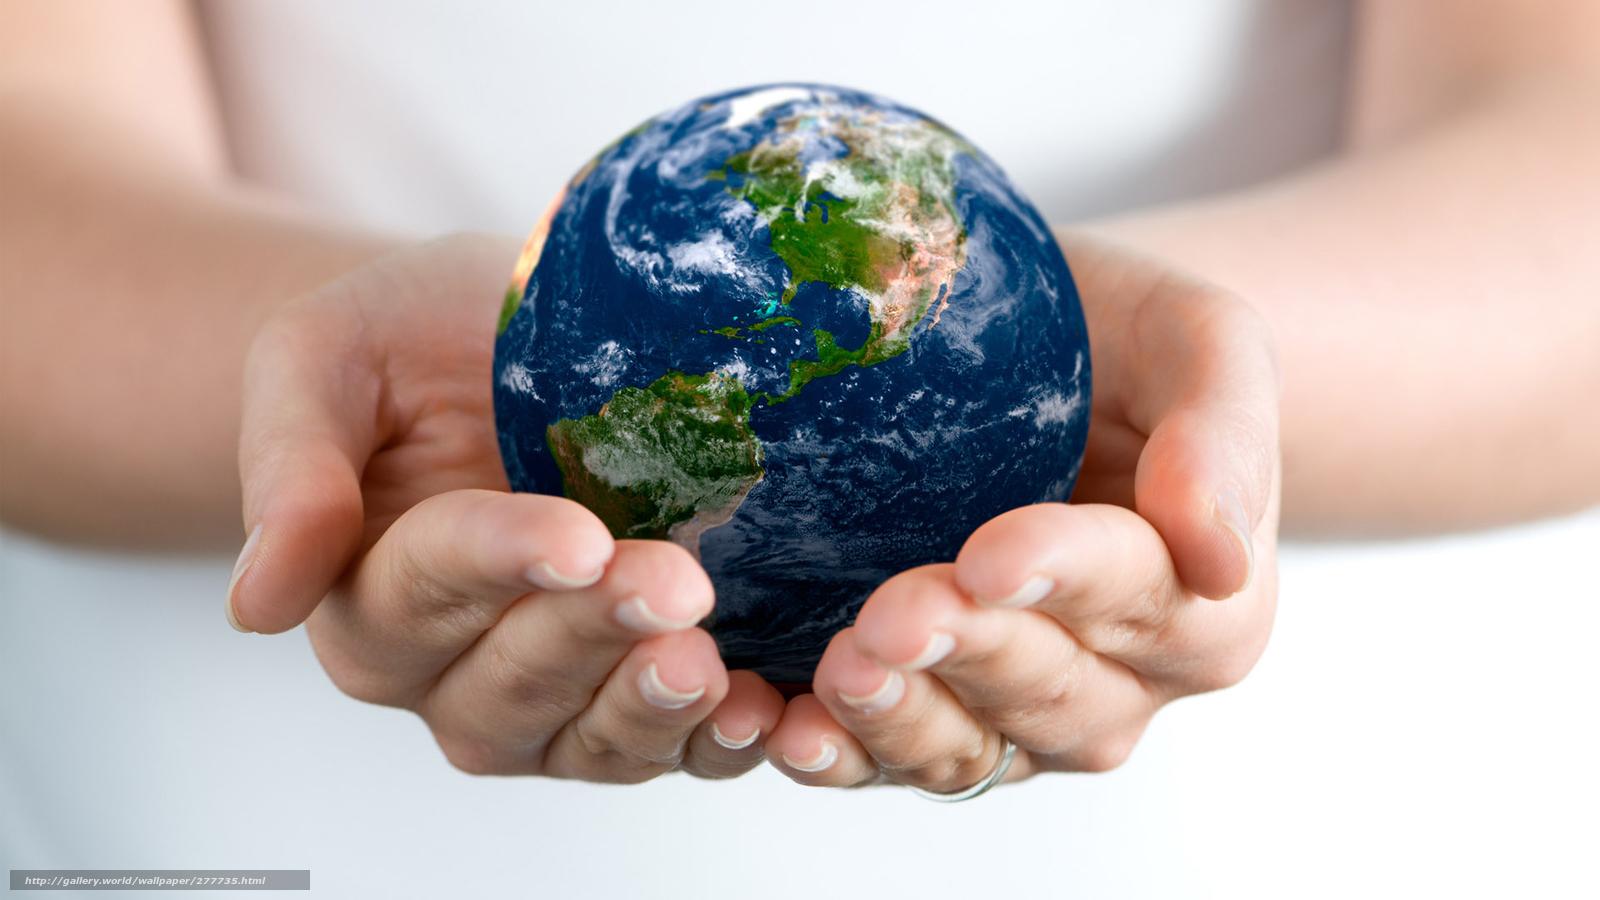 картинки на тему земля как планета